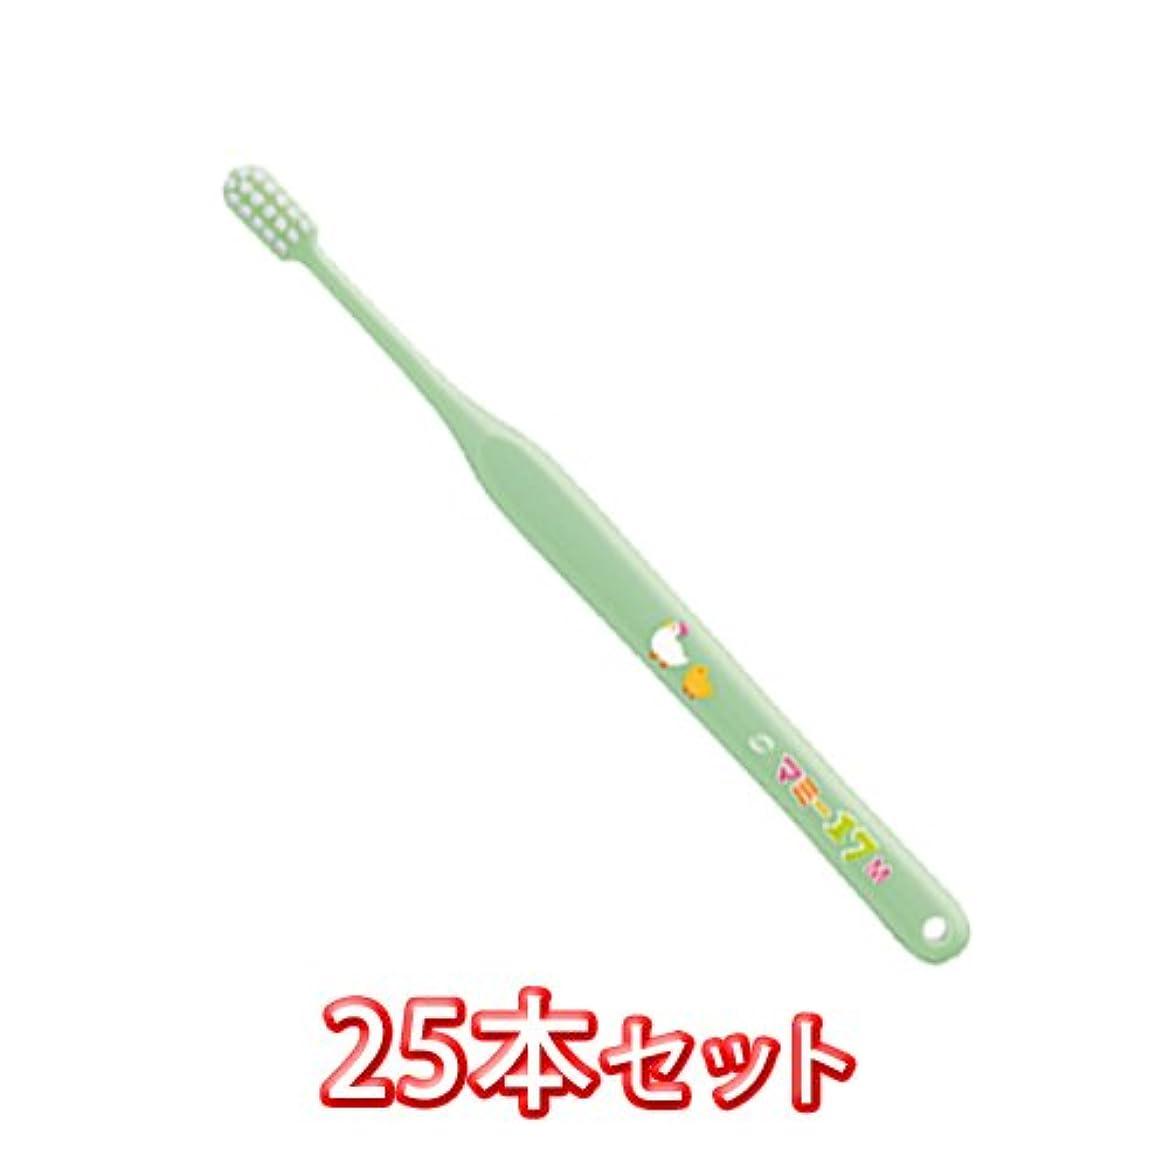 アレイ習熟度玉オーラルケア マミー17 歯ブラシ 25本入 M グリーン